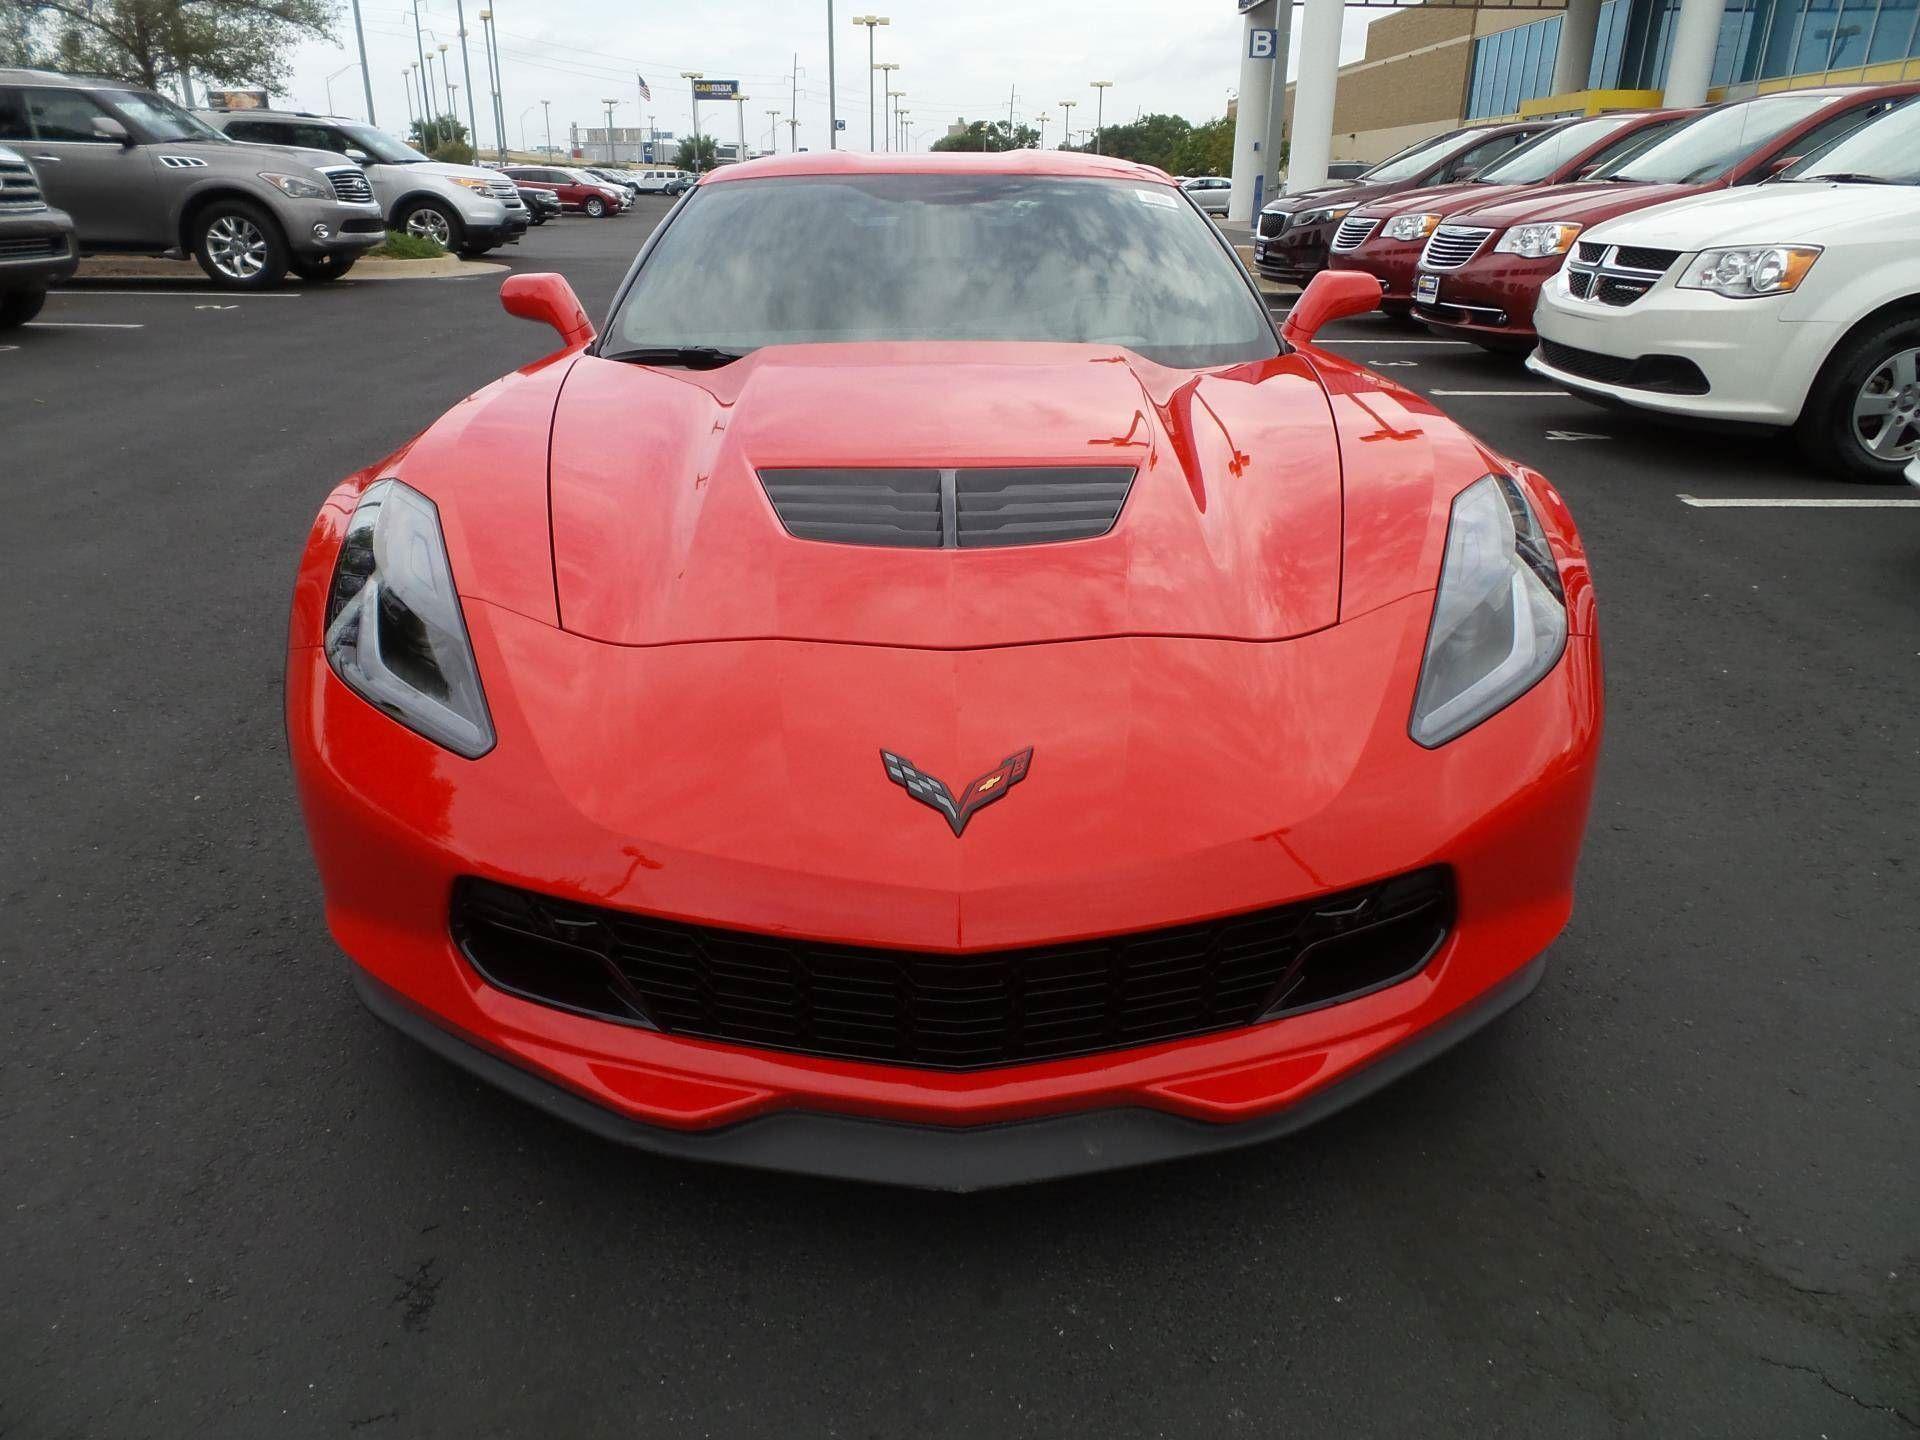 Used 2016 Chevrolet Corvette In Oklahoma City Oklahoma Carmax Chevrolet Chevrolet Corvette Corvette